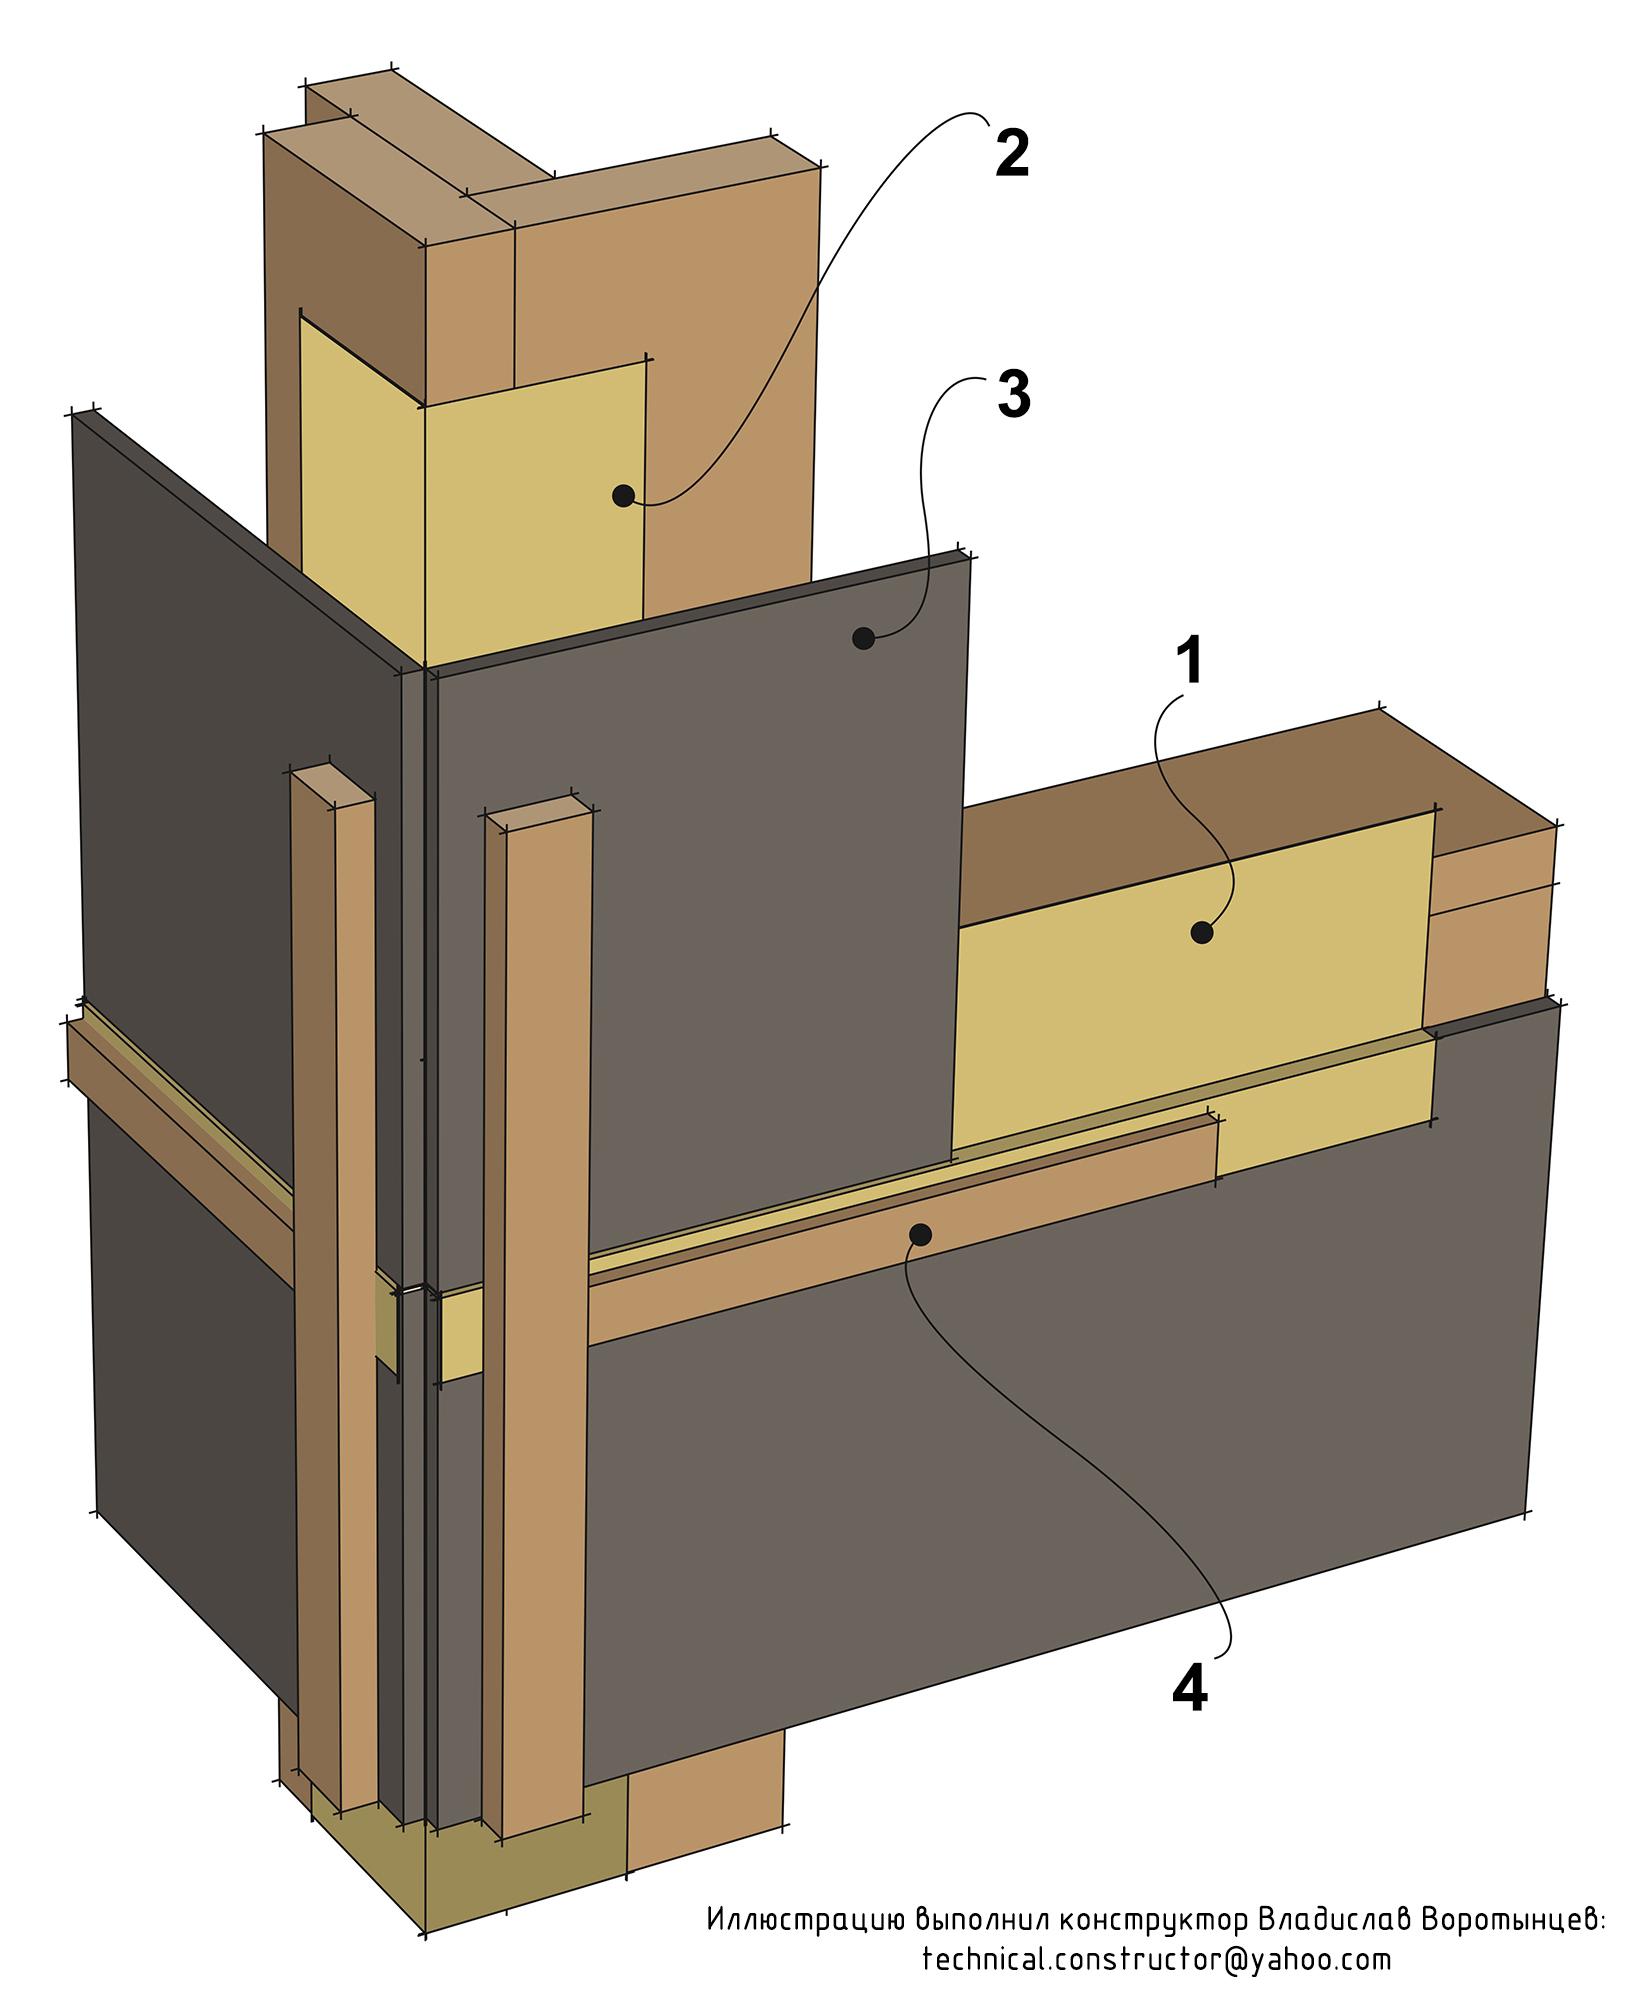 Полоски мембранной ветрозащиты герметизируют стыки плитной ветрозащиты и защищают от избыточной влаги торцы плит